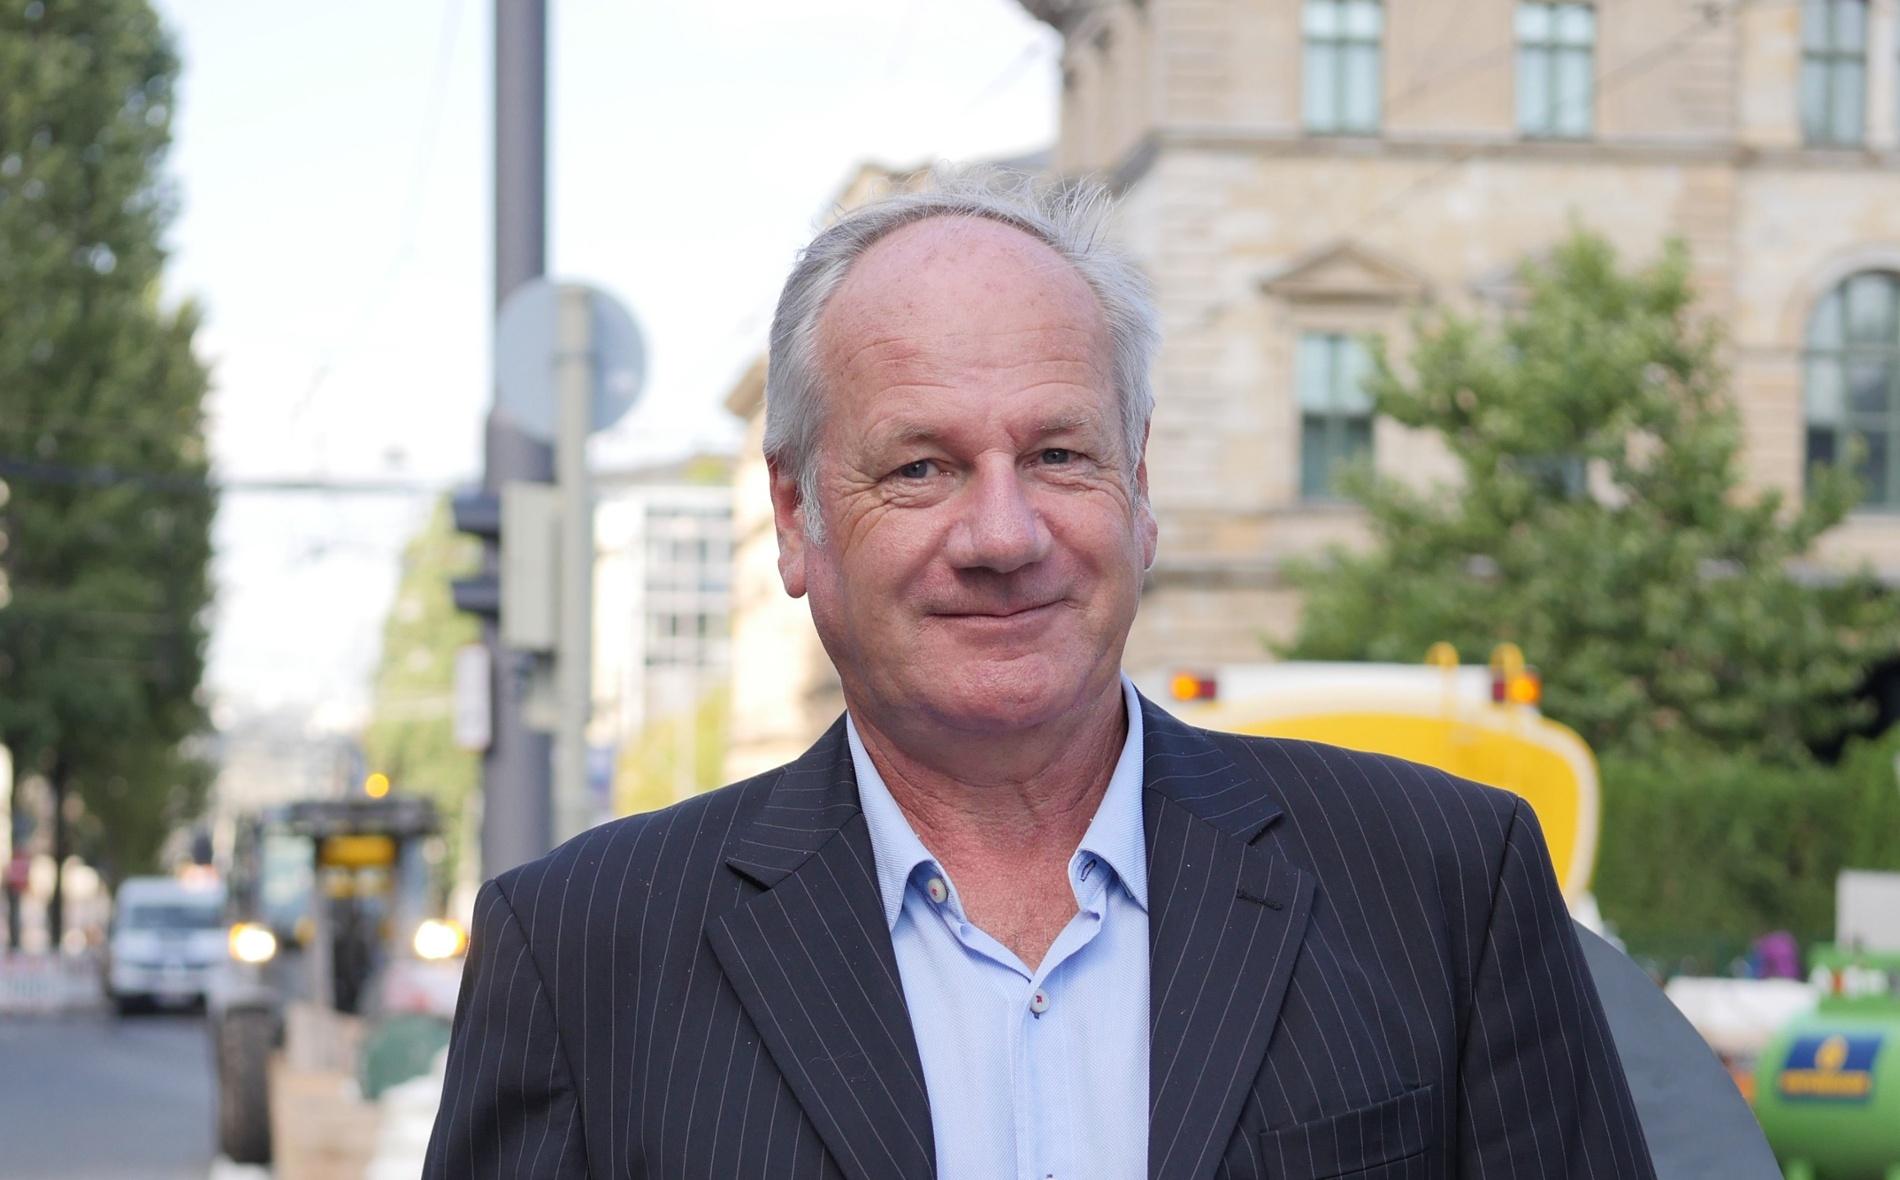 Pierre Leducq